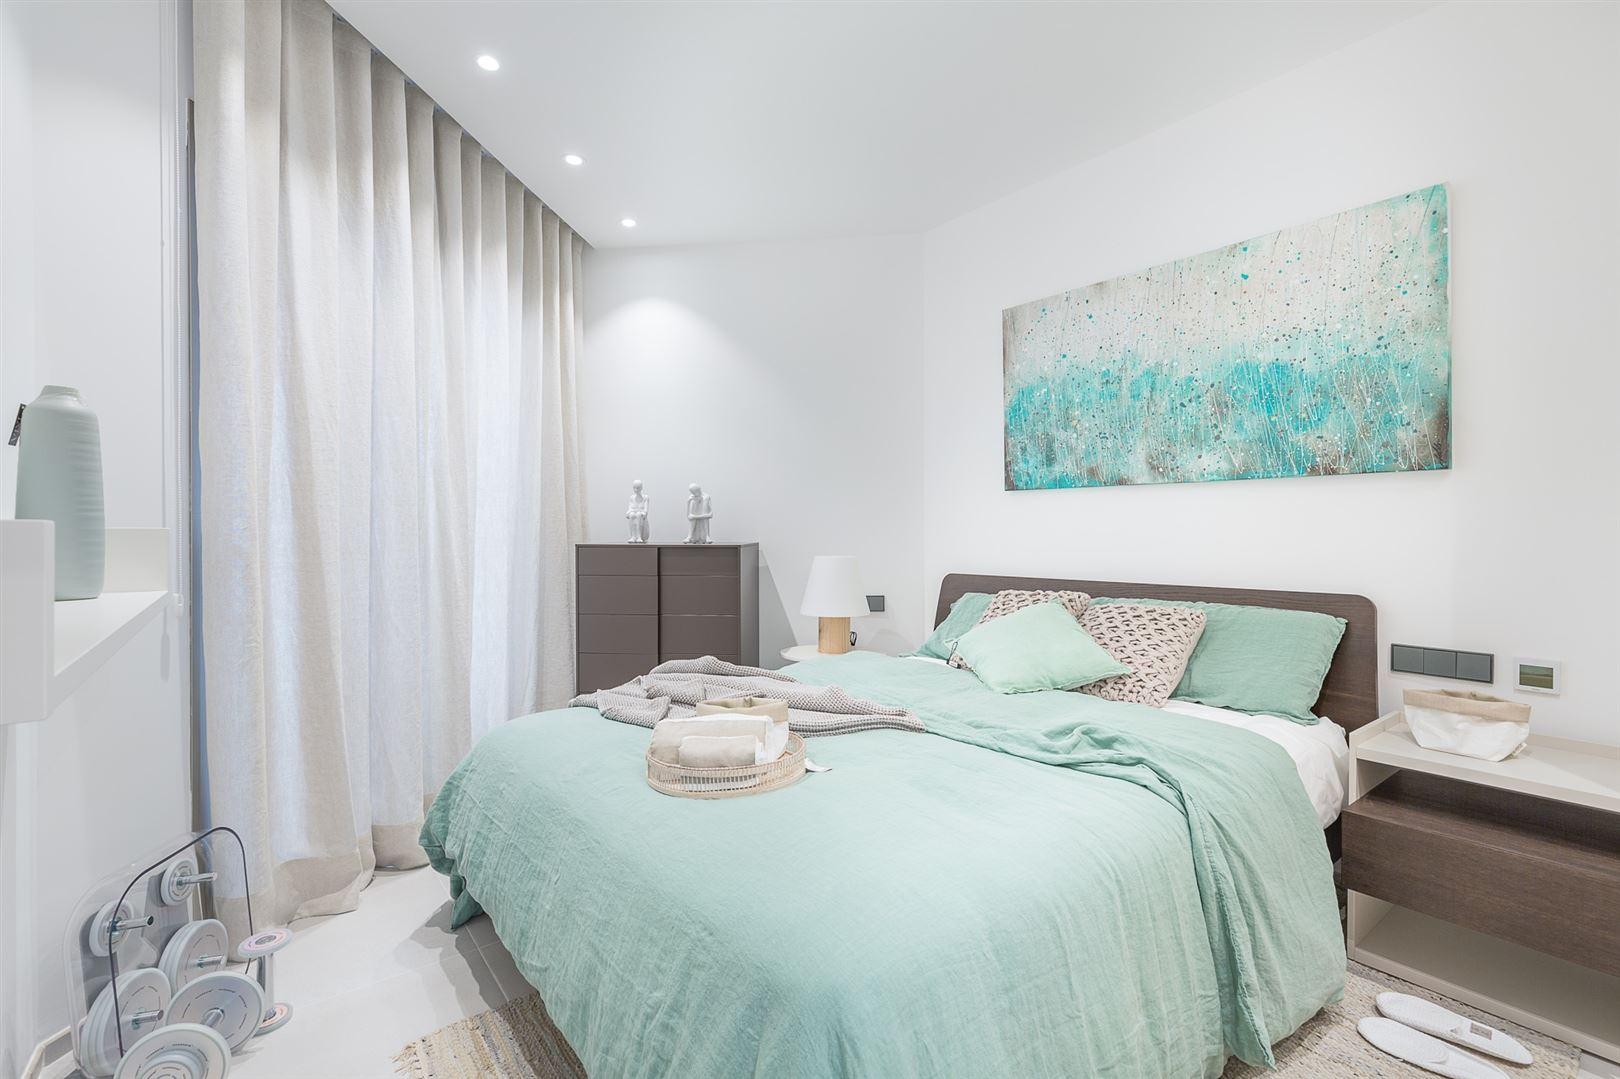 Foto 11 : Appartement te 38632 PALM MAR (Spanje) - Prijs € 450.000